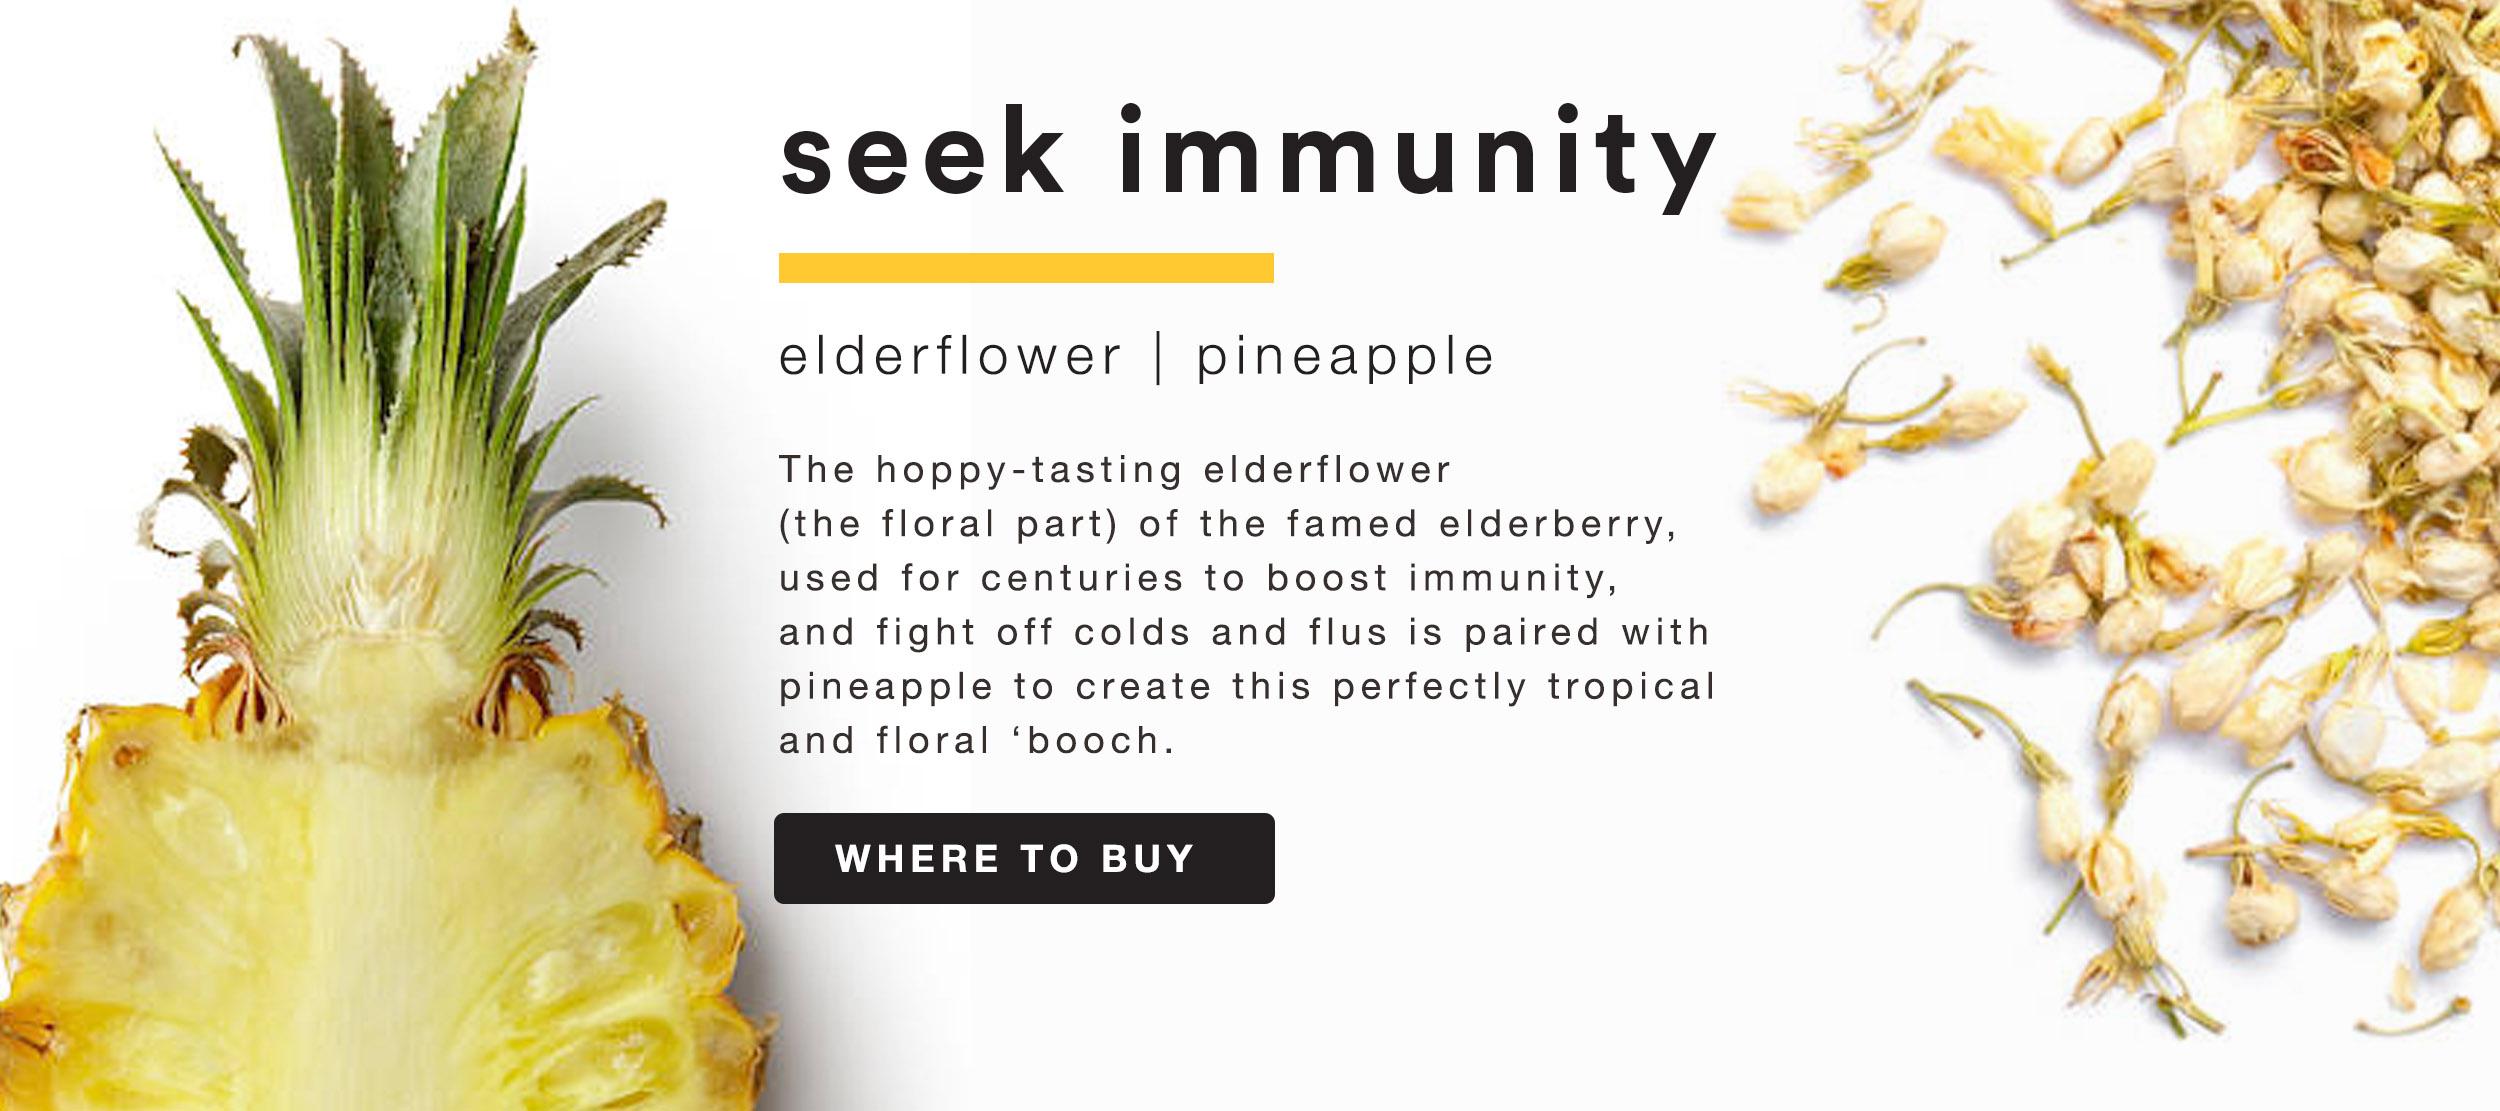 seekimmunity.jpg